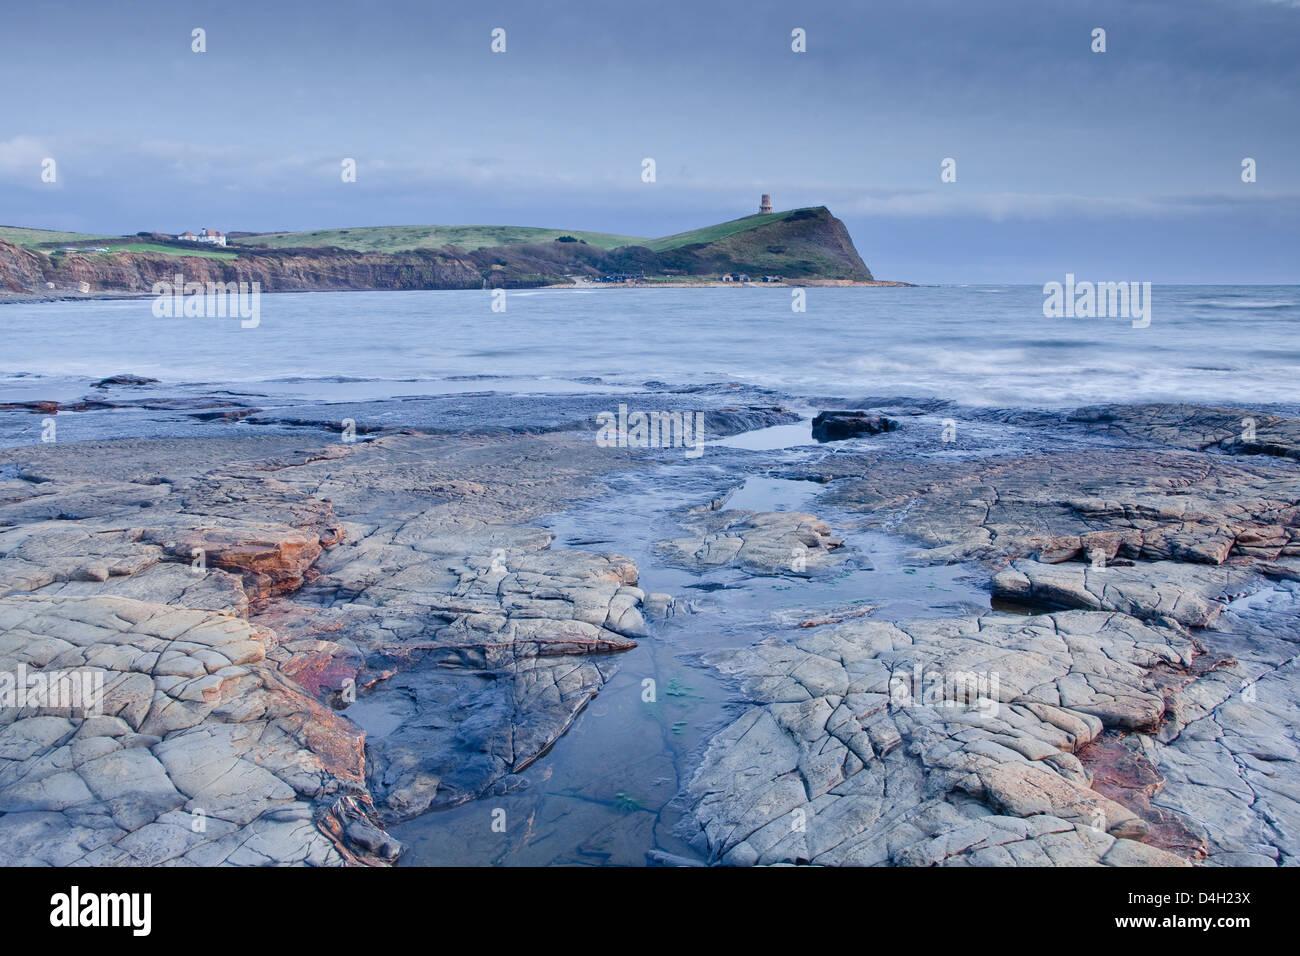 Kimmeridge Bay on the Dorset coast at sunset, Jurassic Coast, UNESCO World Heritage Site, Dorset, England, UK - Stock Image